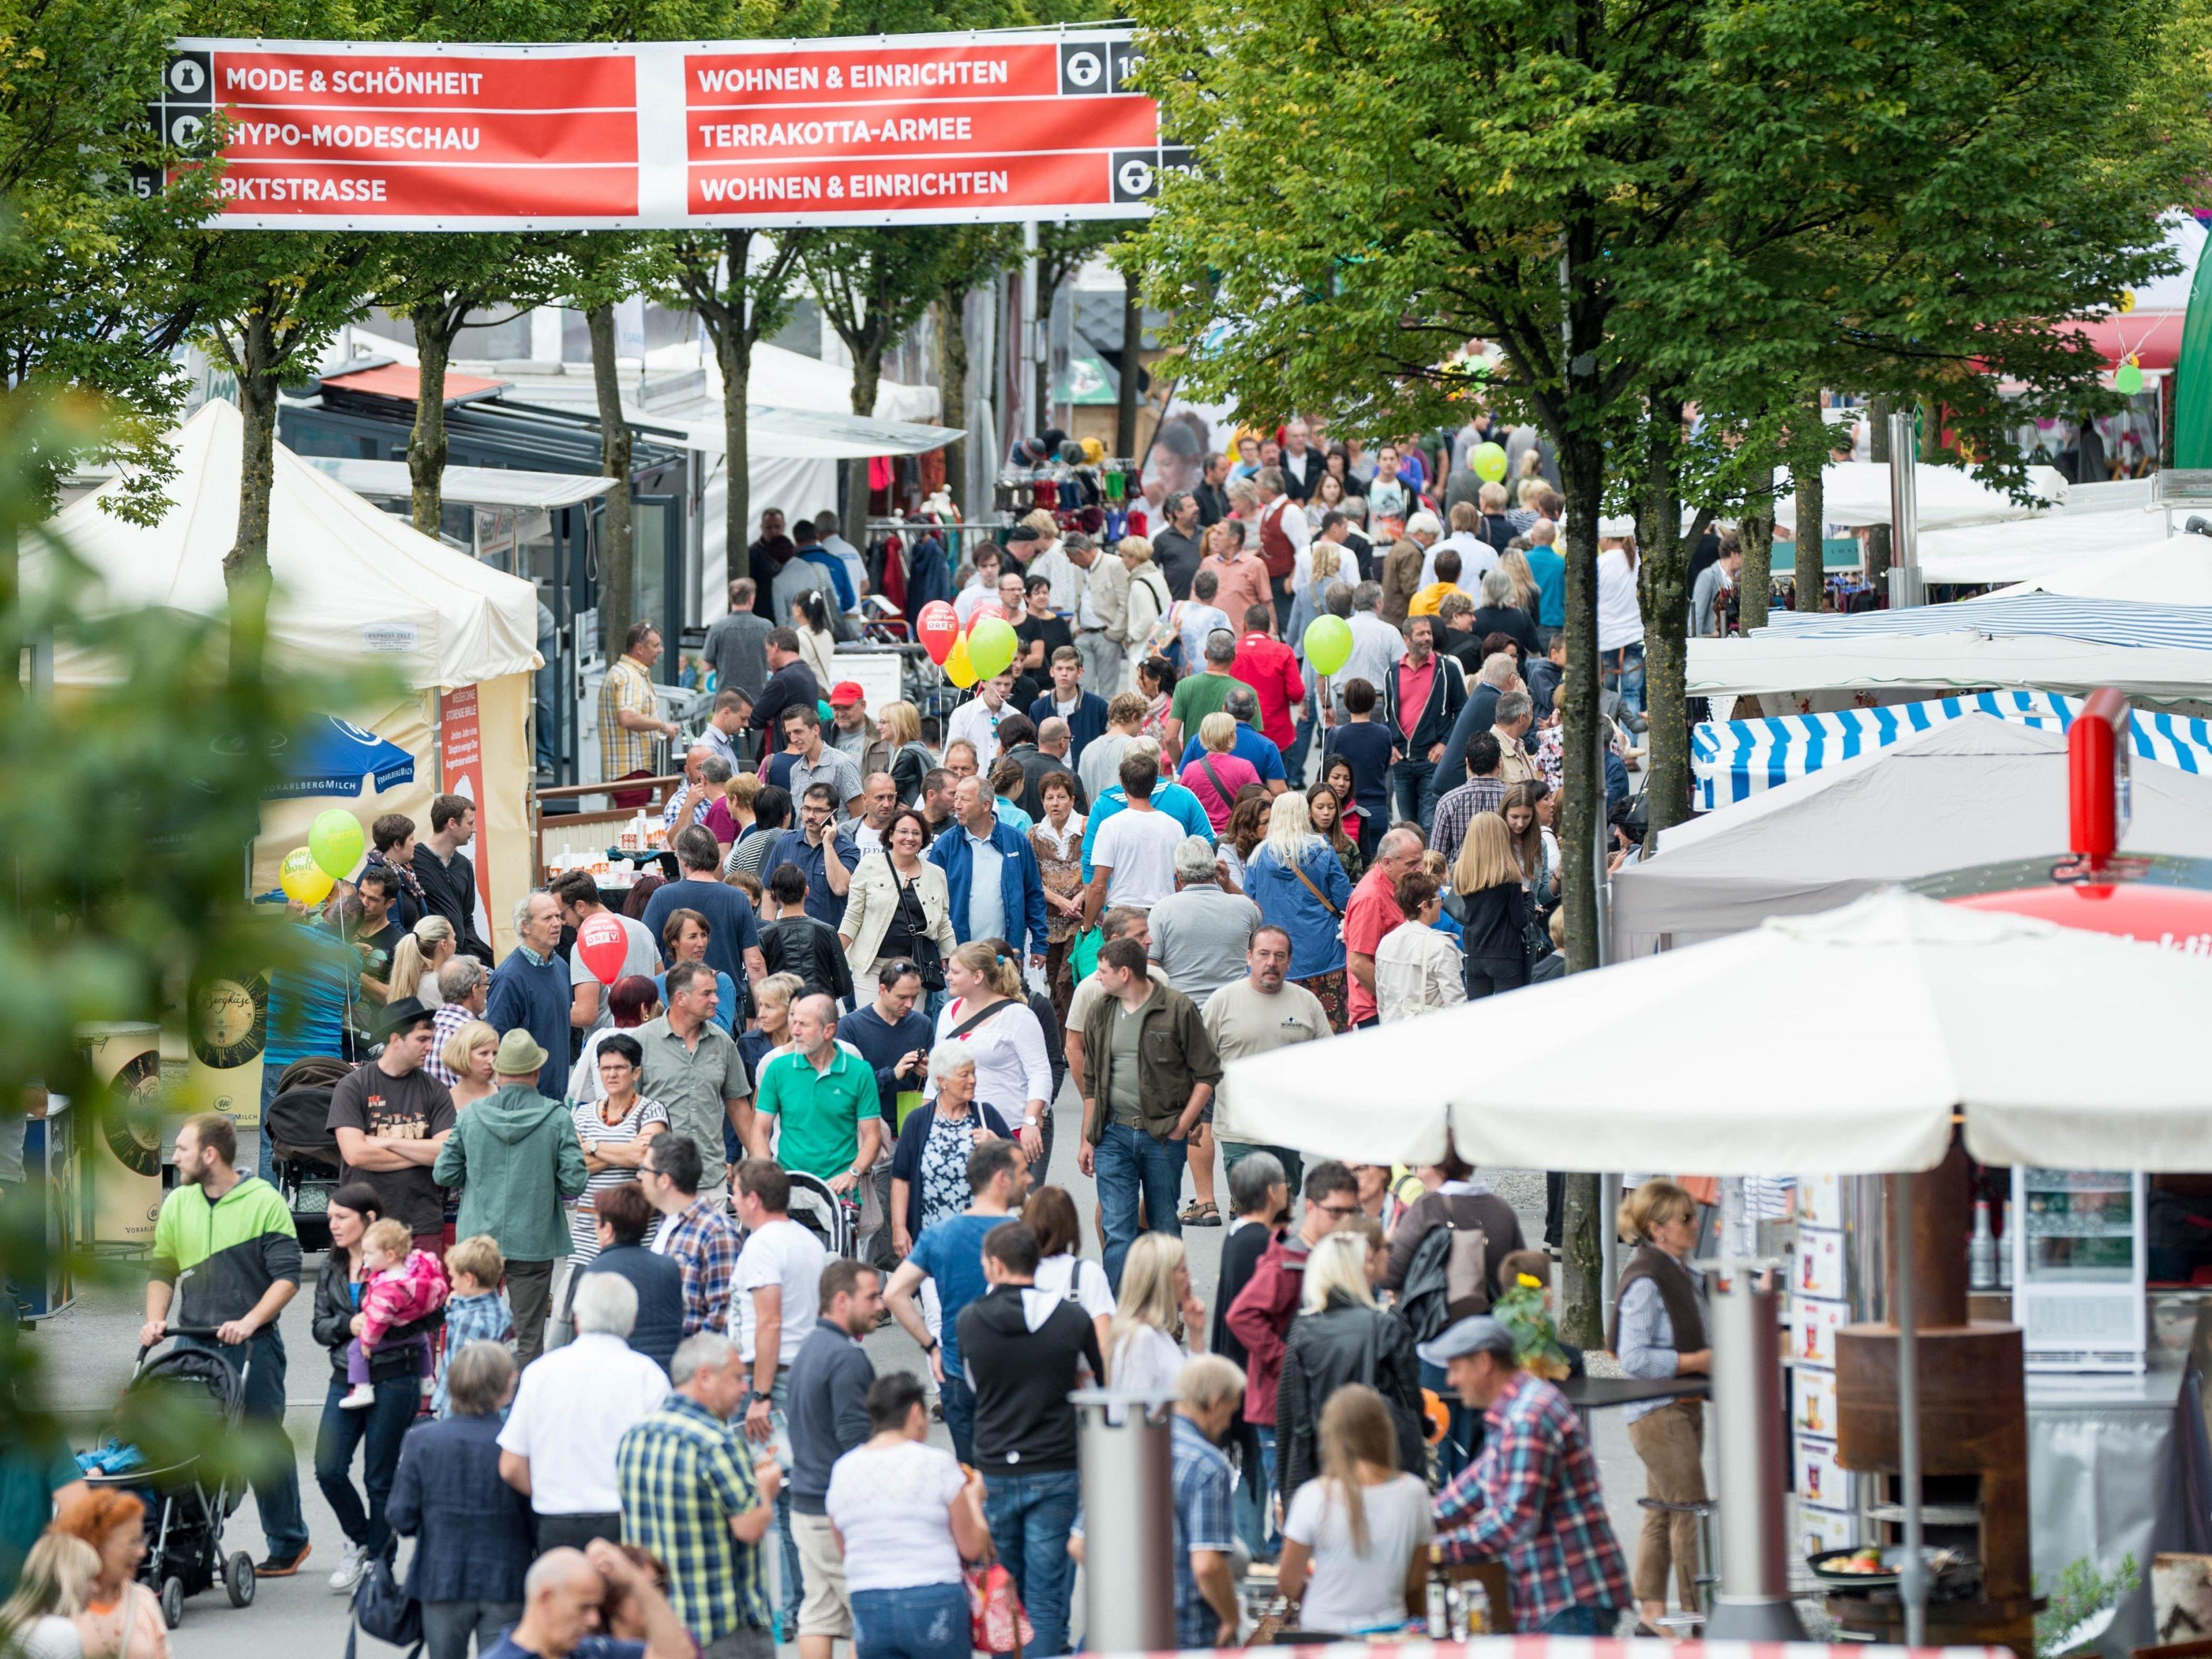 Am Mittwoch wird in Dornbirn die Herbstmesse eröffnet.